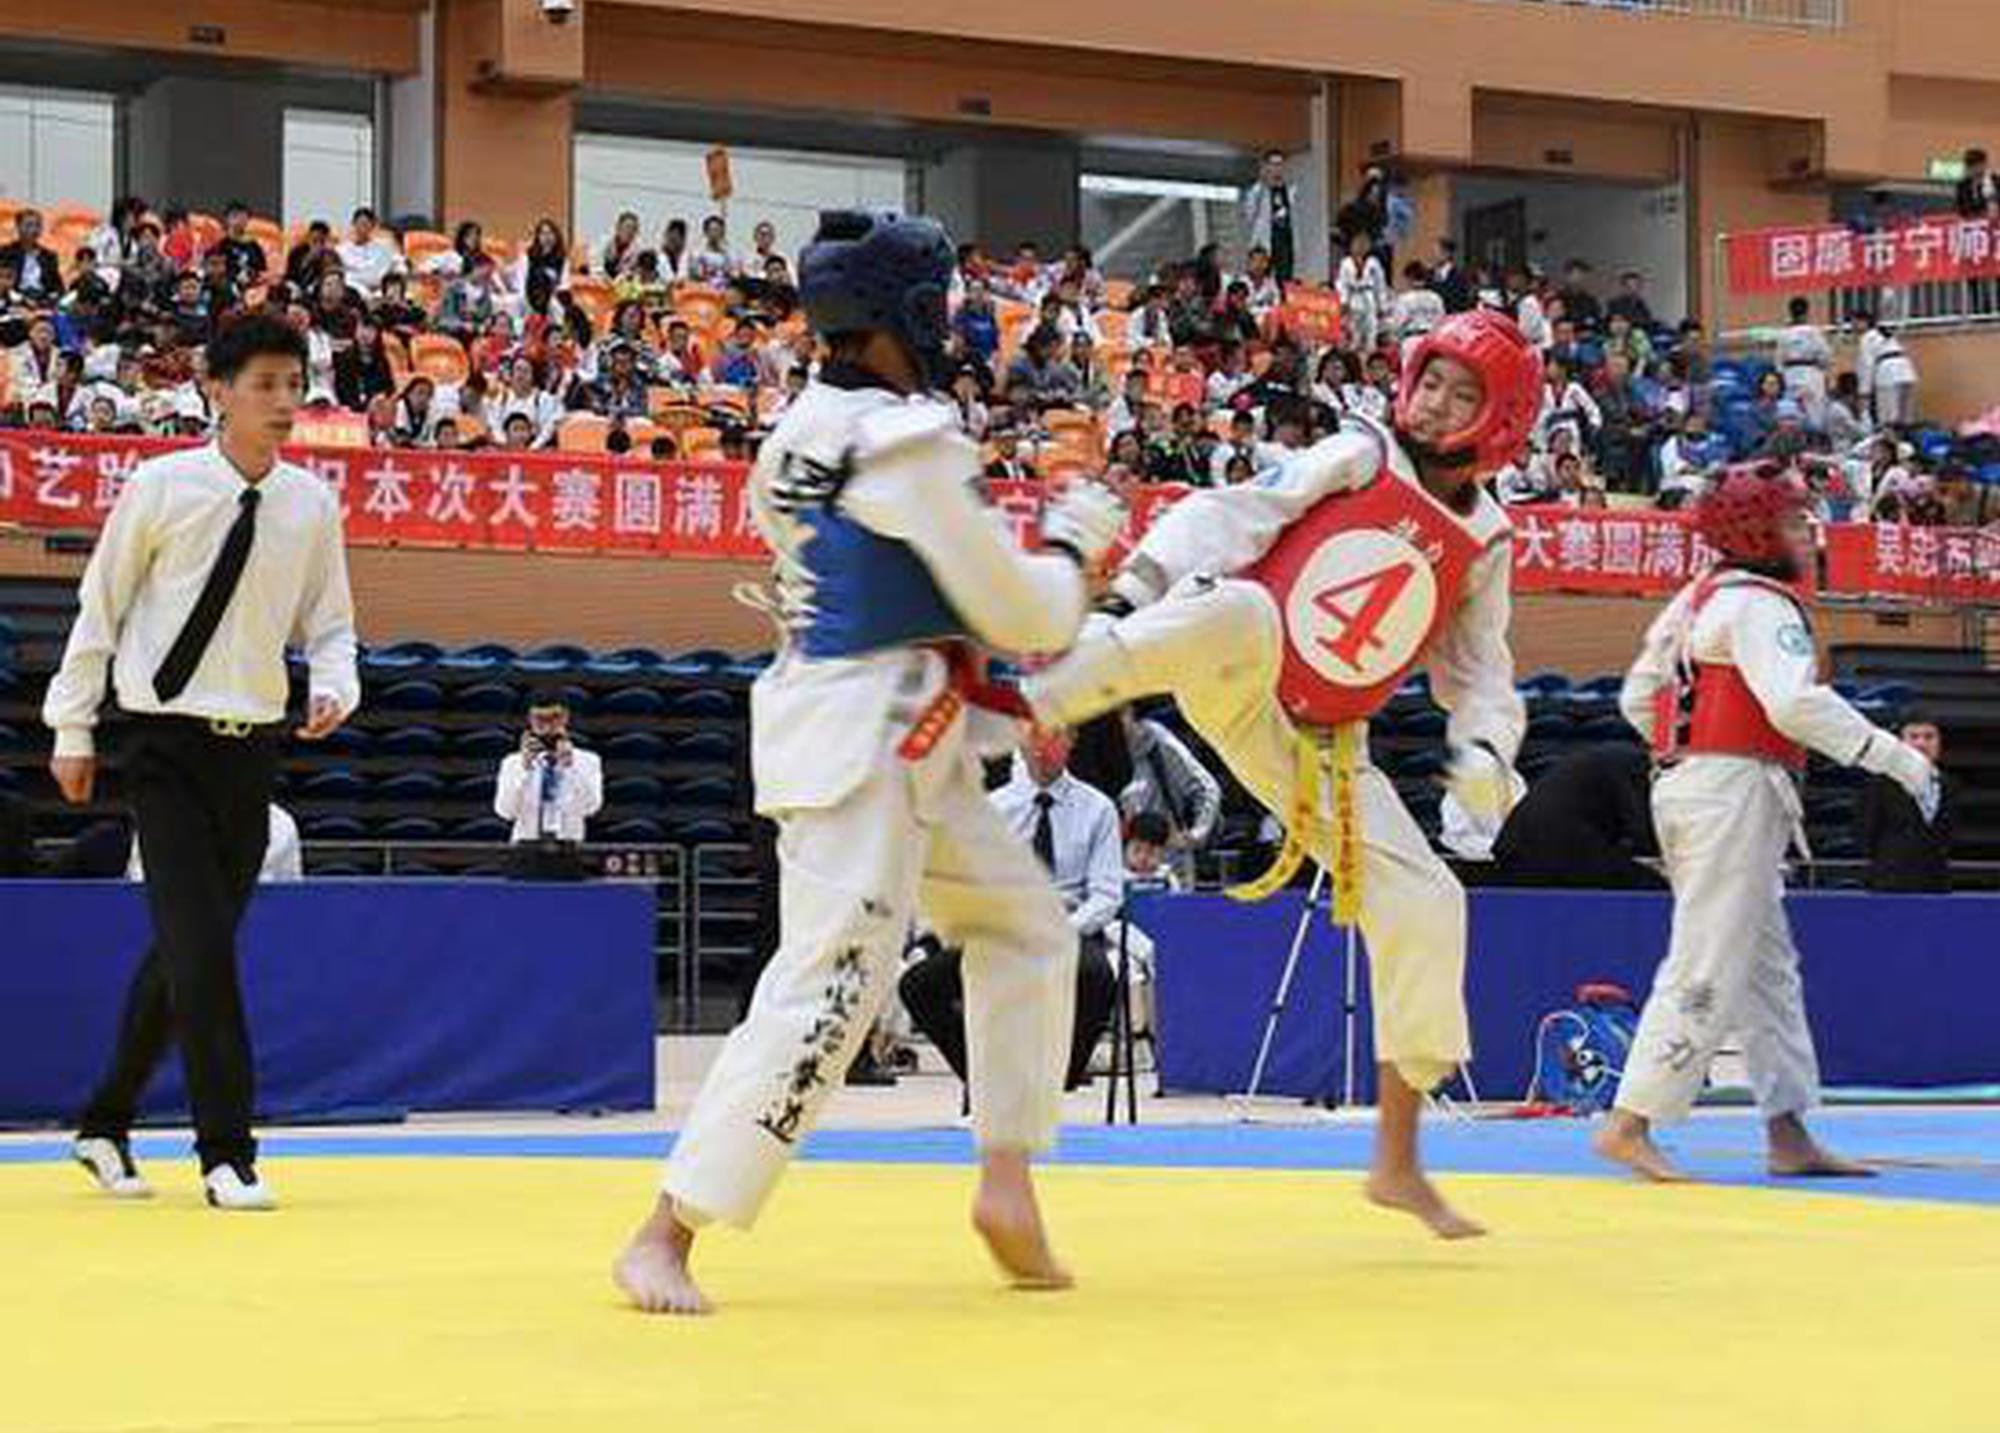 宁夏跆拳道选拔赛收官 团体前三名是他们